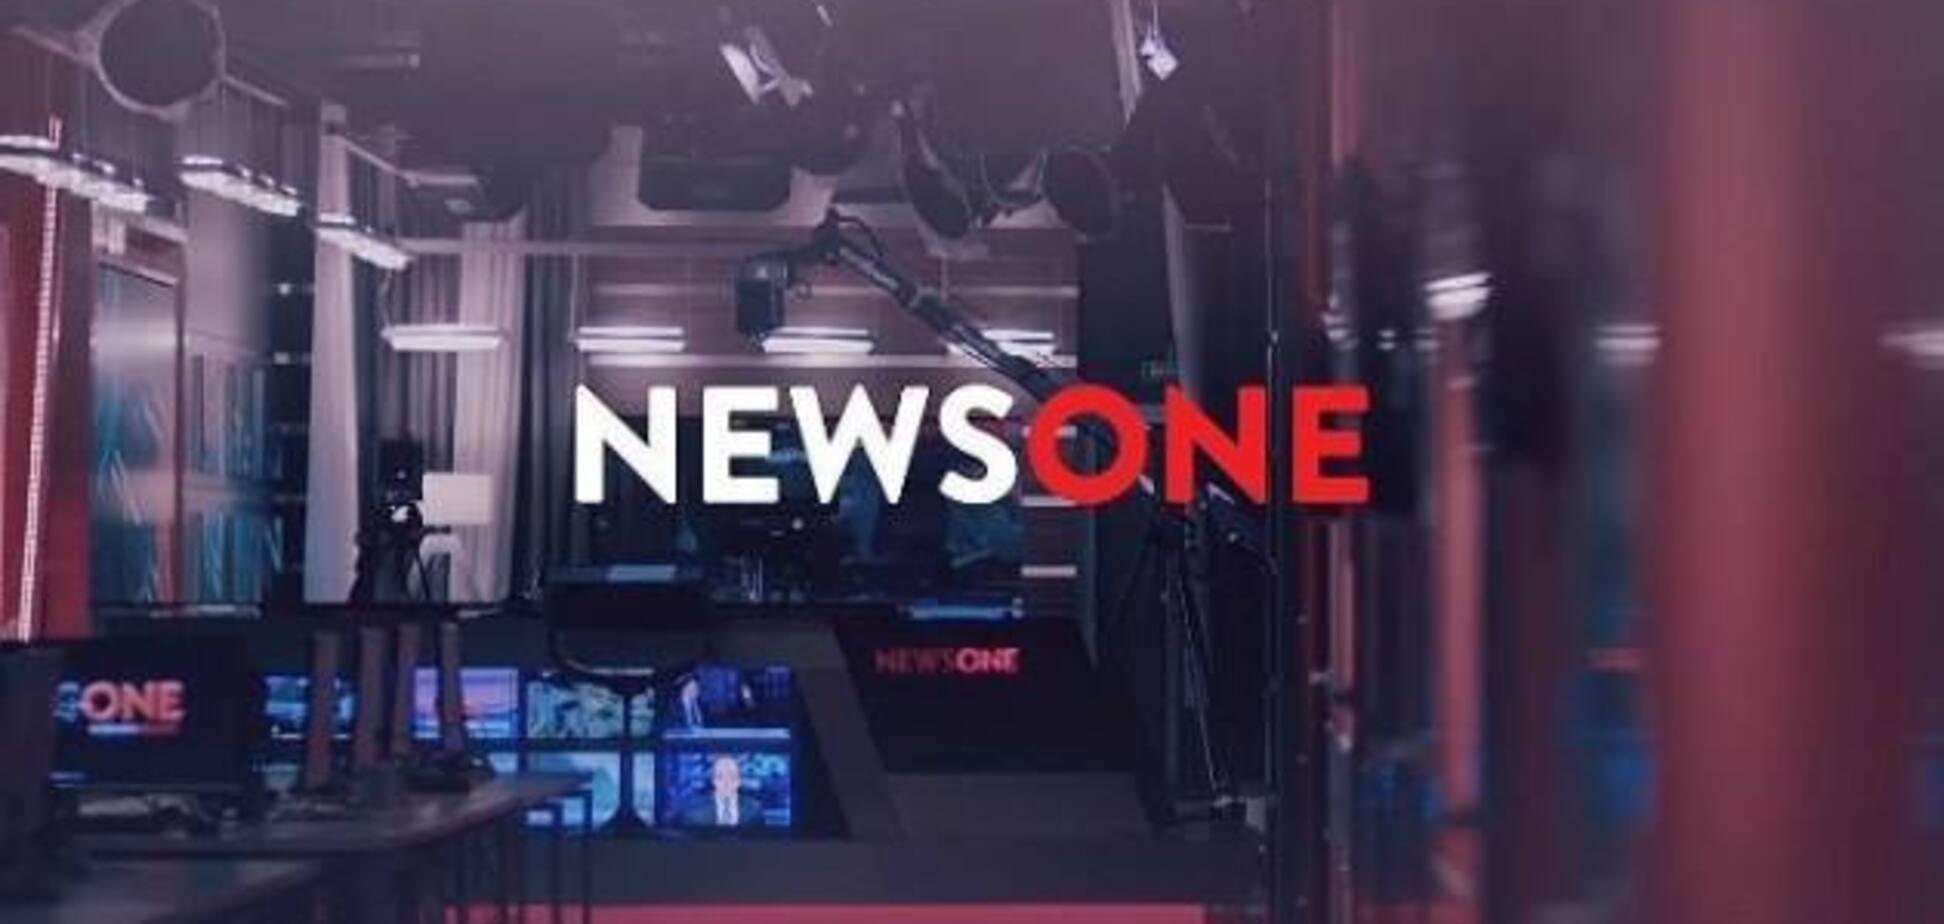 По просьбе СБУ: Нацсовет взялся за телеканал NewsOne